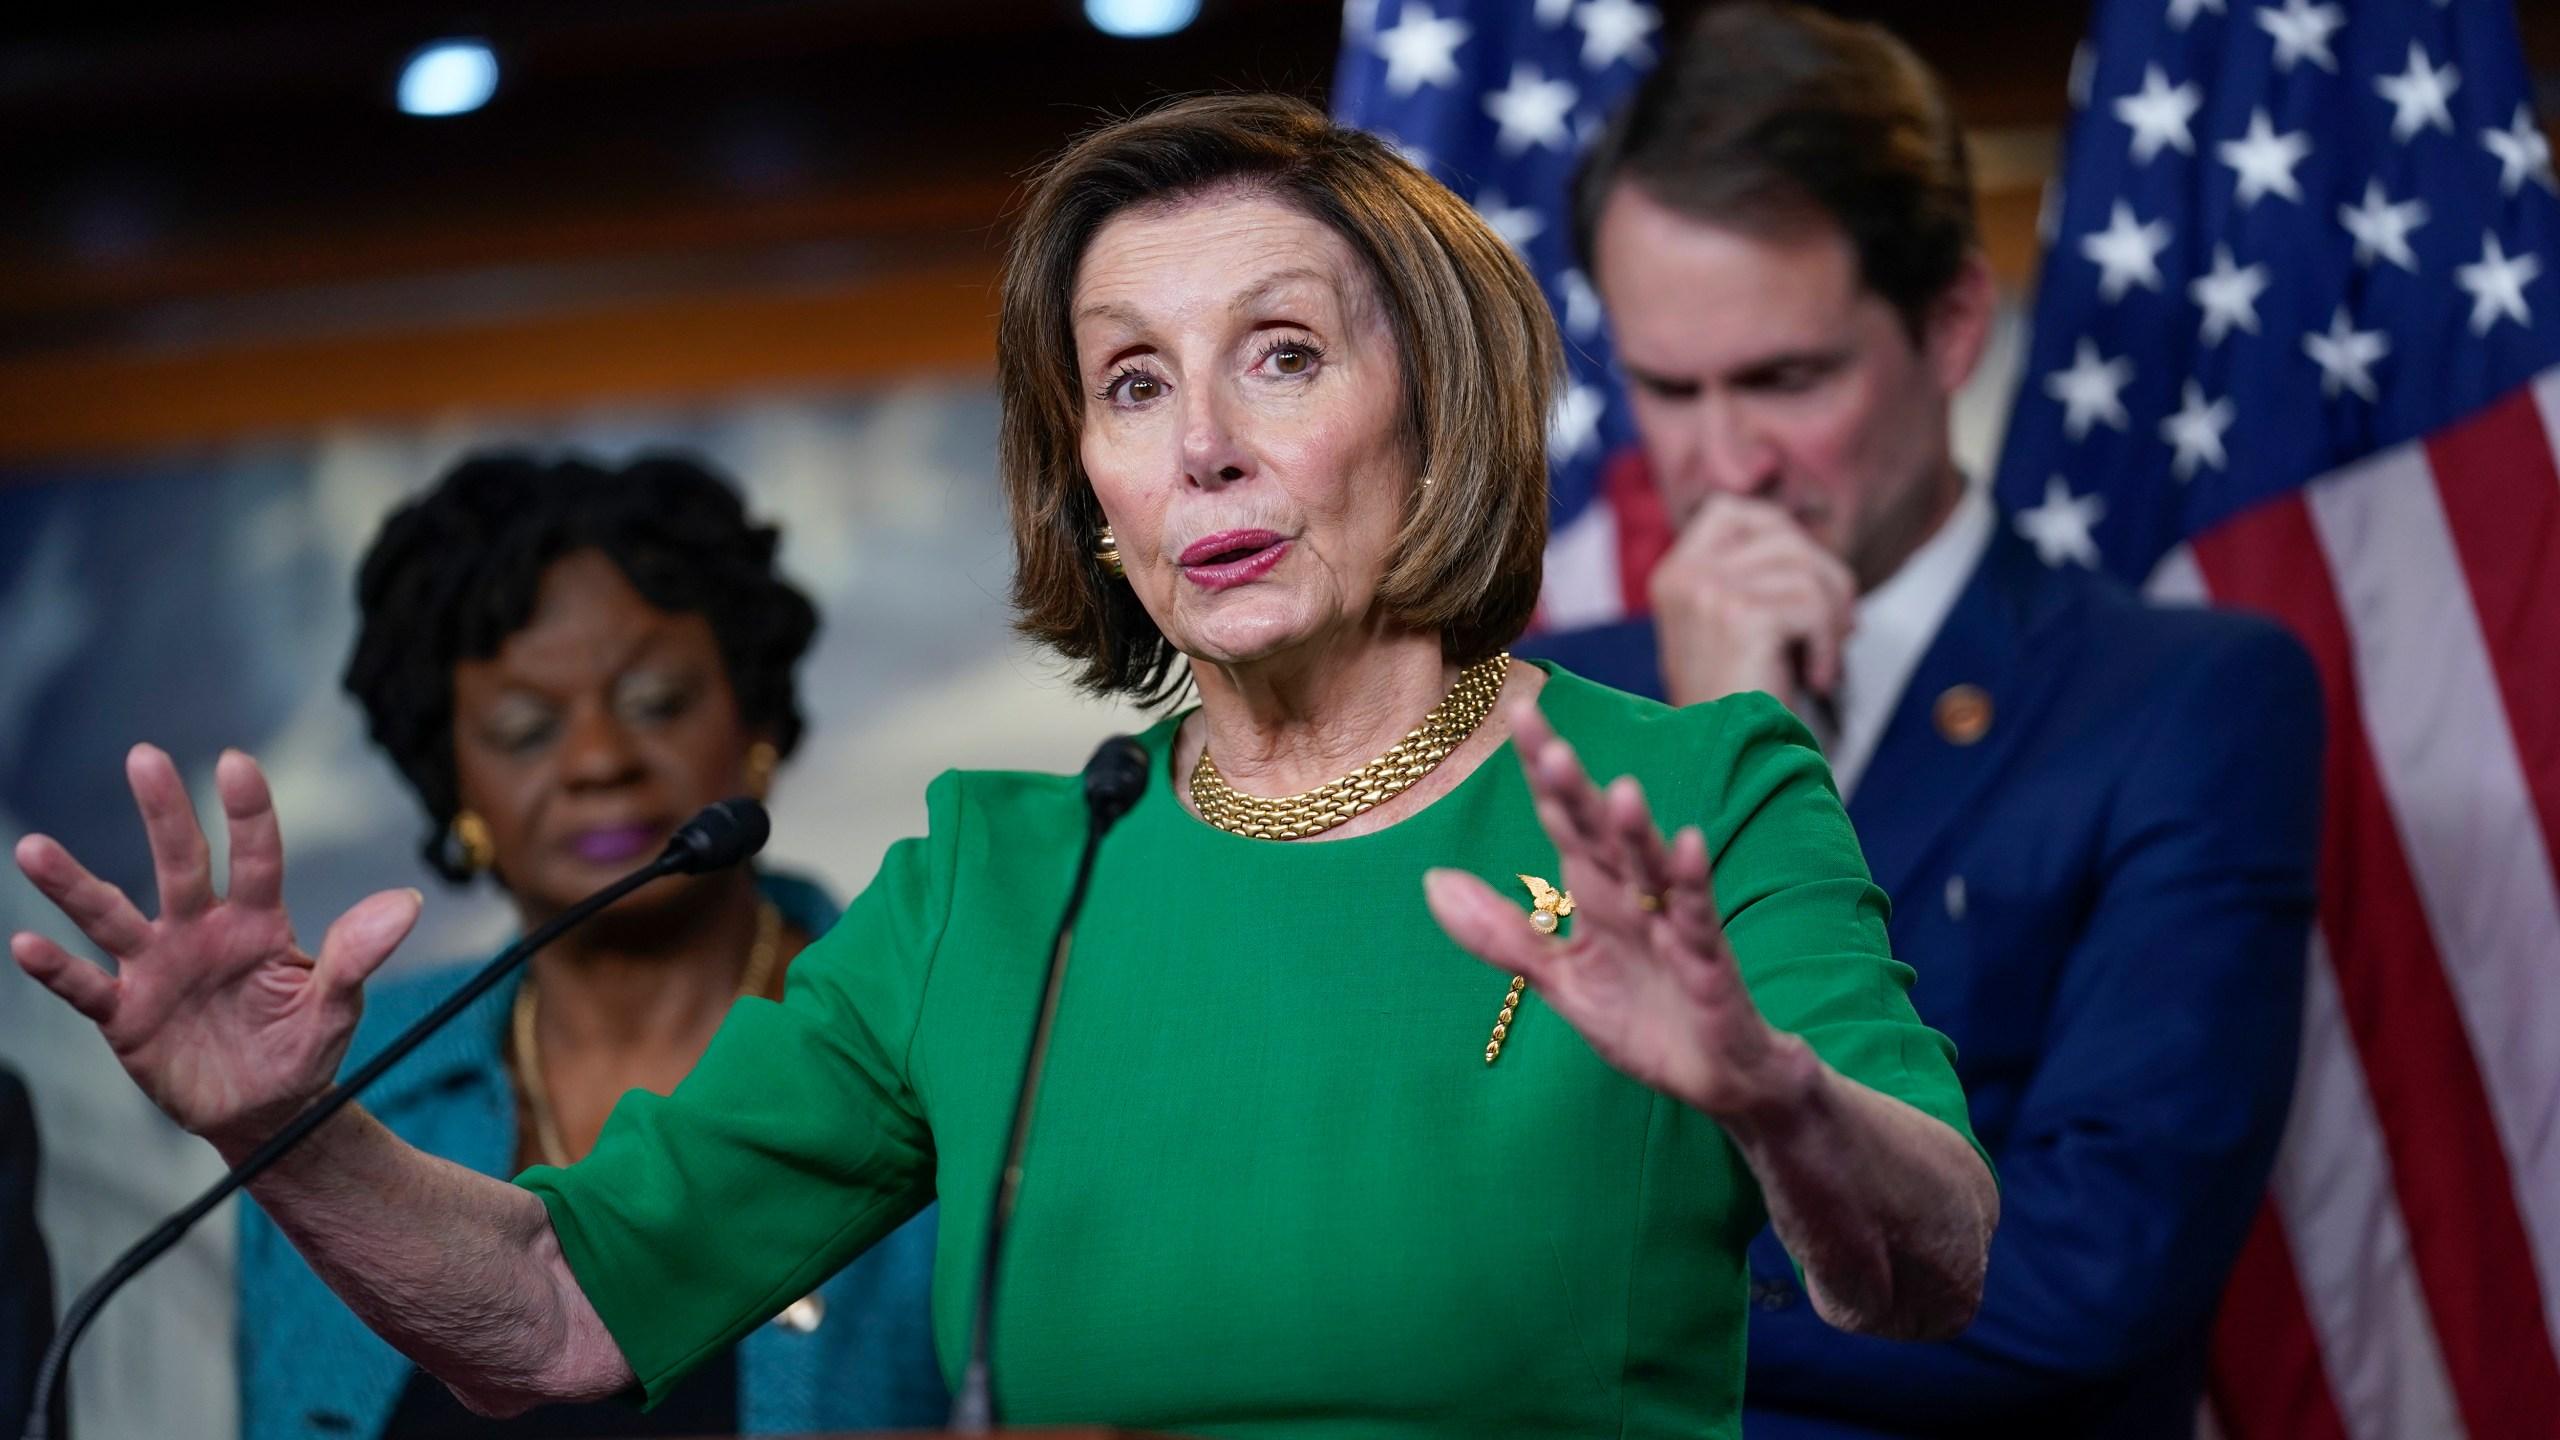 Nancy Pelosi, Jim Himes, Gwen Moore